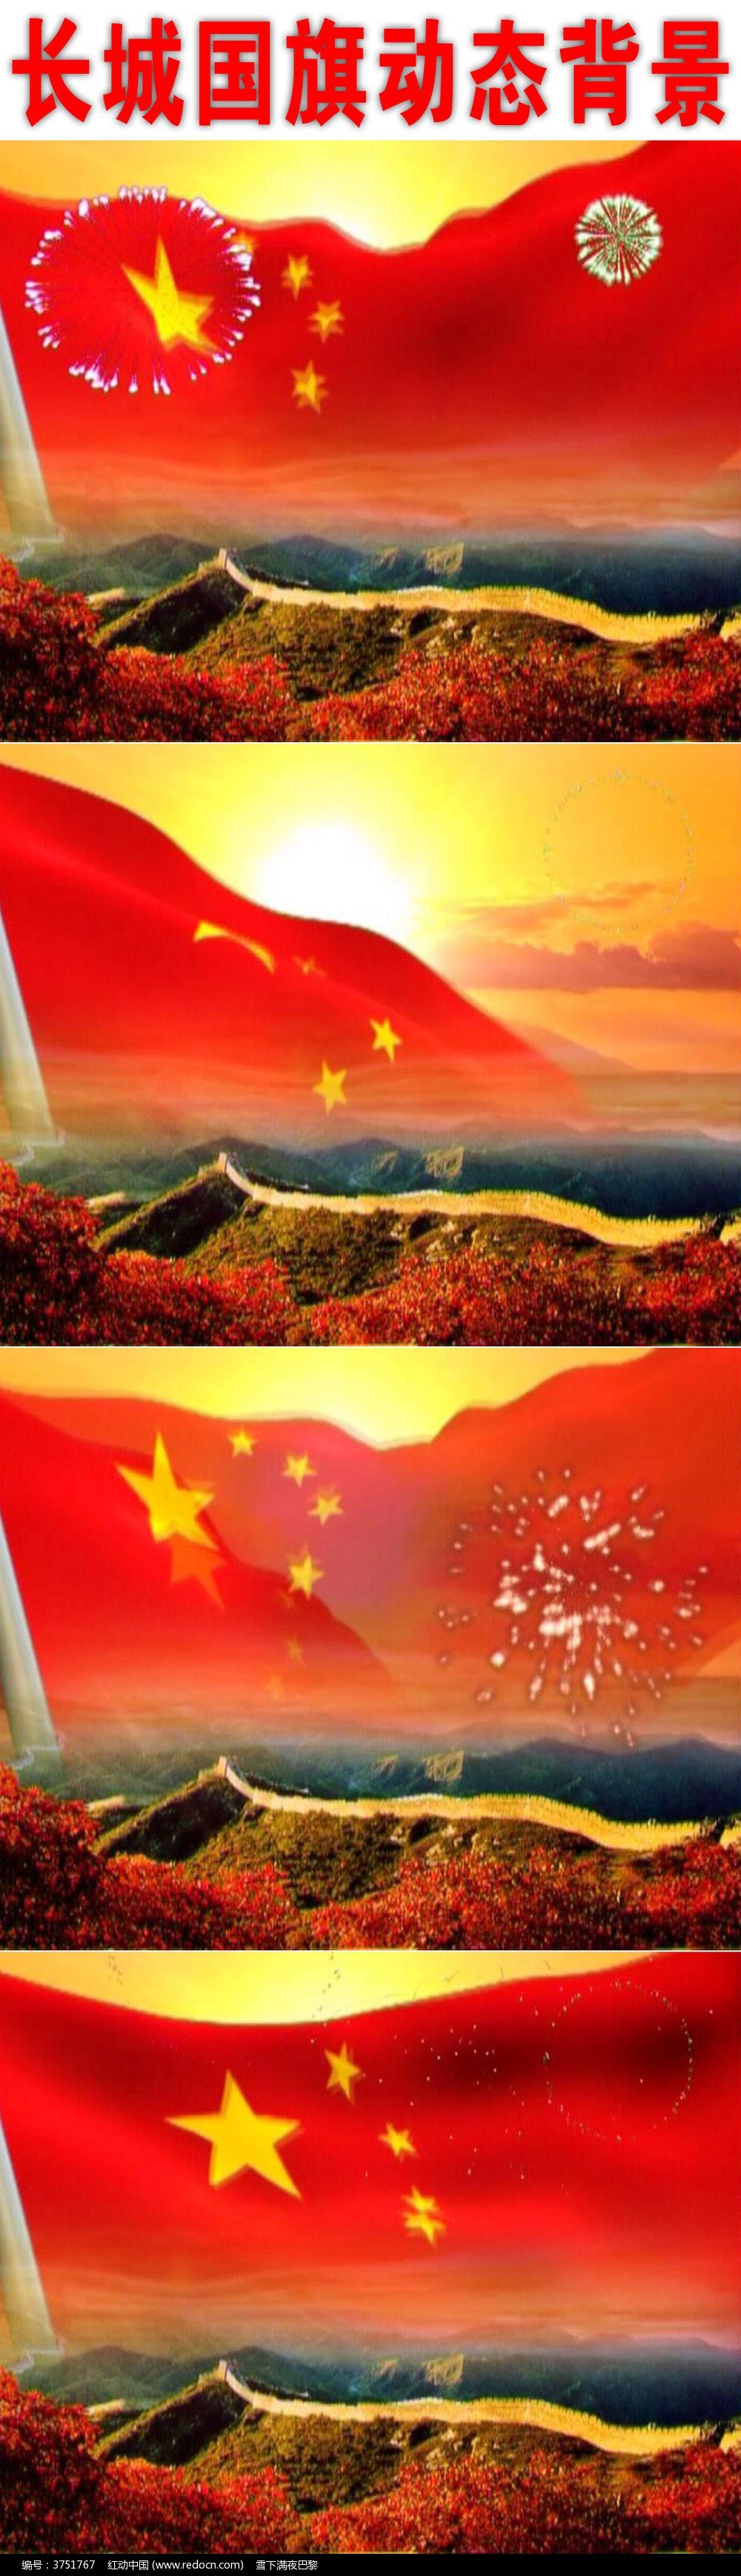 长城国旗动态视频背景素材下载 编号3751767 红动网图片